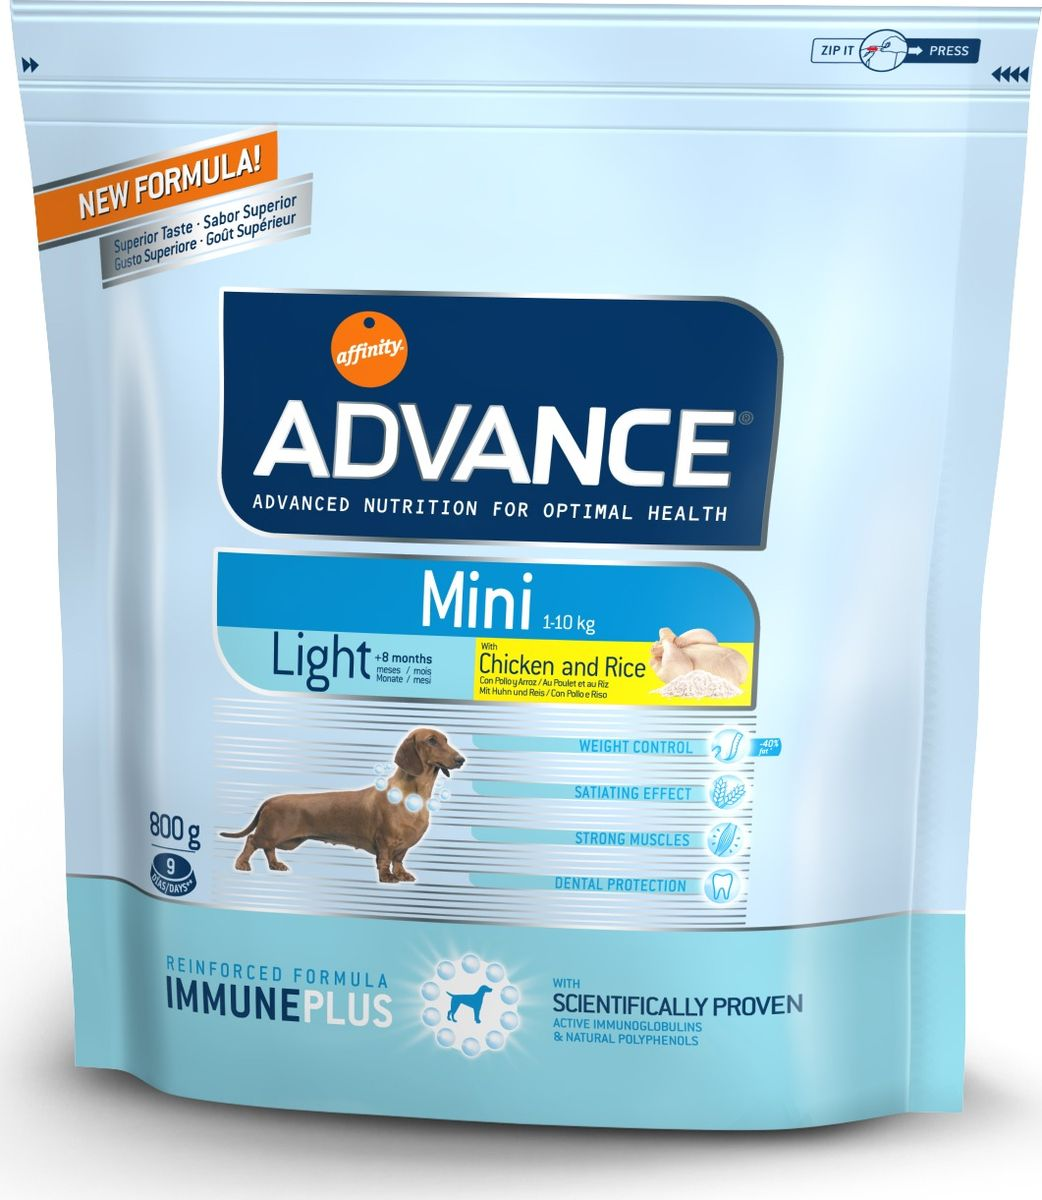 Корм сухой Advance Mini Light для собак малых пород, с курицей и рисом, 0,8 кг12171996Advance - высококачественный корм супер-премиум класса испанской компании Affinity Petcare, которая занимает лидирующие места на европейском и мировом рынках. Корм разработан с учетом всех особенностей развития и жизнедеятельности собак и кошек. В линейке кормов Advance любой хозяин может подобрать необходимое питание в соответствии с возрастом и уникальными особенностями своего животного, а также в случае назначения специалистами ветеринарной диеты. Affinity Petcare имеет собственную лабораторию, а также сотрудничает с множеством международных исследовательских центров, благодаря чему специалисты постоянно совершенствуют рецептуру и полезные свойства своих кормов. В составе главным источником белка является СВЕЖЕЕ мясо, благодаря которому корм обладает высокими вкусовыми качествами, а также высокой питательной ценностью.Advance Mini Light - это высококачественный сбалансированный полнорационный корм для взрослых собак мини-пород (вес взрослых животных менее 10 кг) с избыточным весом или склонных к набору веса. У корма высокое содержание клетчатки и белка в комбинации с низкокалорийными ингредиентами для поддержания оптимального веса собаки, а также для потери лишнего веса без потери мышечной массы. L-карнитин: помогает переработать жировые клетки в энергию, сжигая избыточные жировые клетки в организме собаки. Крокеты малого размера: адаптированы к челюсти и зубам собак мини-пород. Состав: курица (15%), пшеница, рис (12%), маис, дегидрированное мясо курицы, маисовый глютен, гидролизированный белок животного происхождения, кукурузные отруби, свекольный жом, дегидрированный белок свинины, животный жир, дрожжи, рыбий жир, карбонат кальция, хлористый калий, плазменный протеин, растительные волокна, пирофосфорнокислый натрий, трикальцийфосфат, глюкозамин, хондроитинсульфат, природные полифенолы.Анализ: протеин 29%, жиры 10,5%, сырые волокна 3,5%, неорганическое вещество 6%, кальций 1,1%